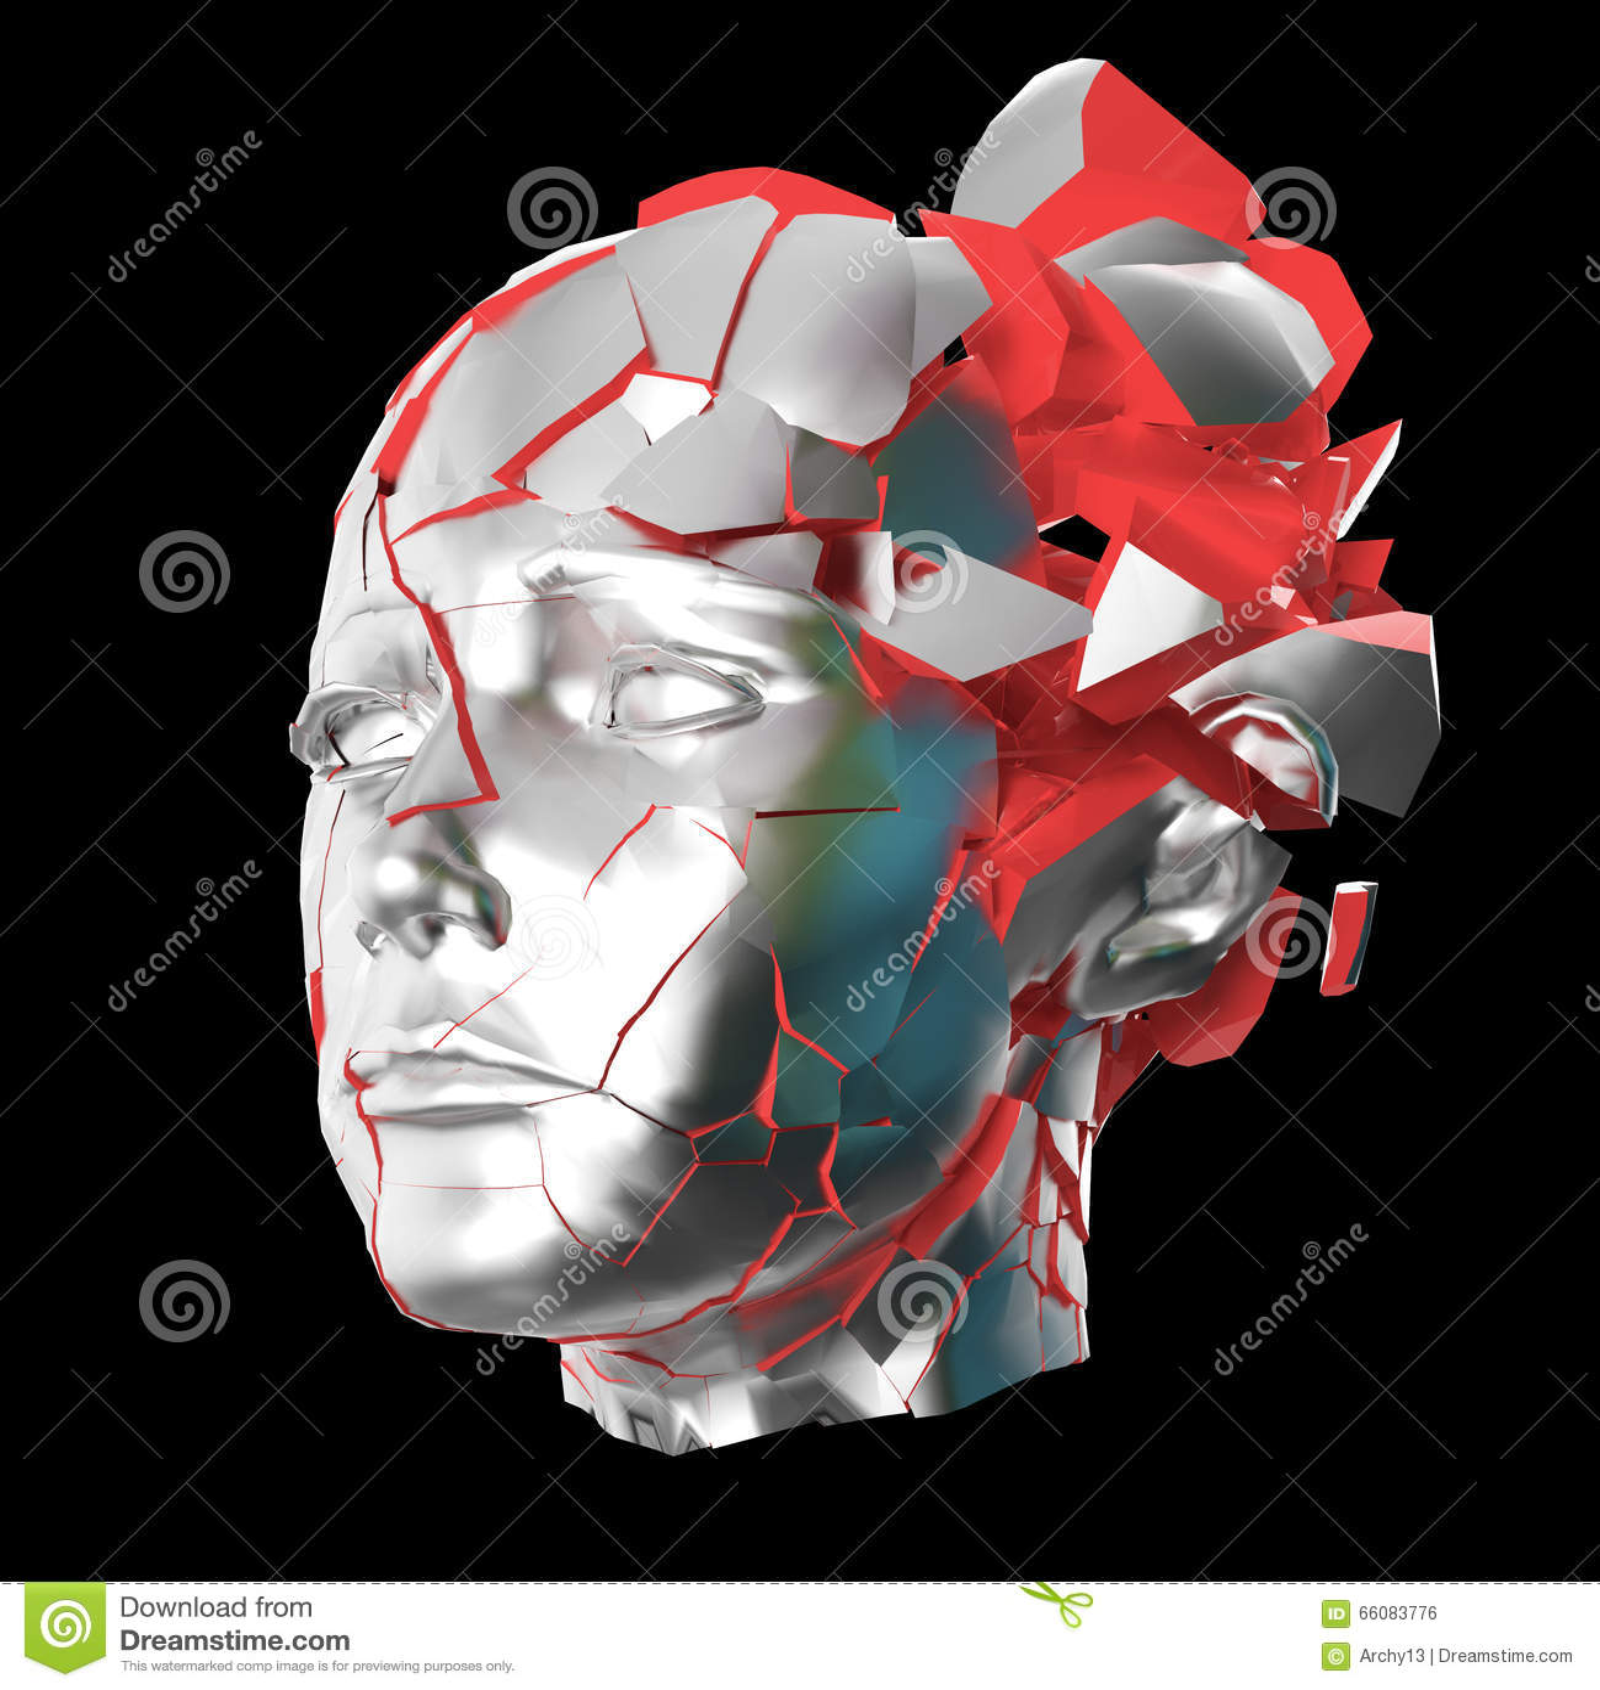 Glansowanej kobiety kierowniczy wybuchać zamykam - migrena, umysłowi problemy, stres